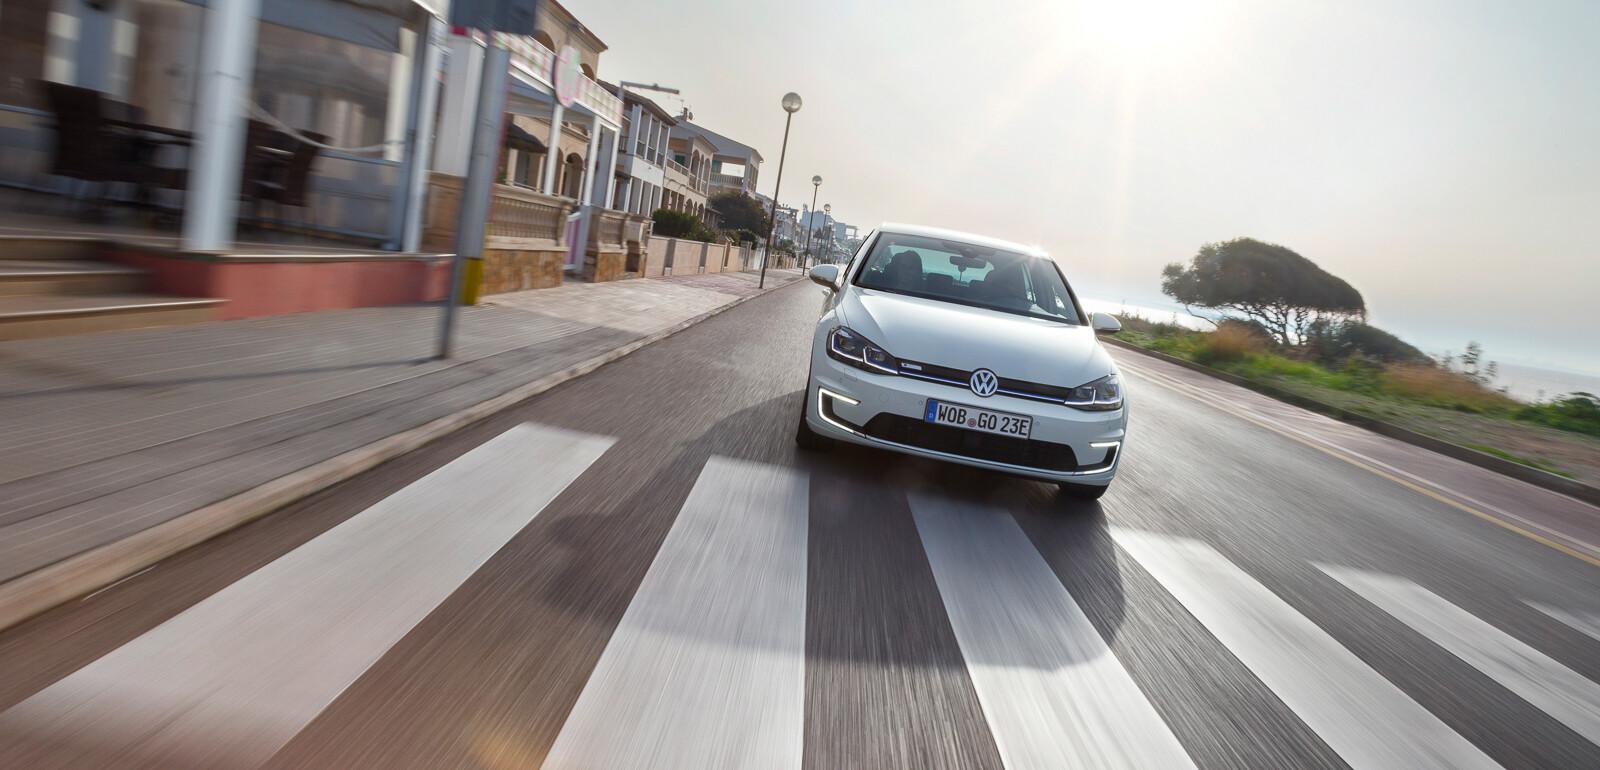 123000 02320bbacb2b79e23aa2bce76fbb99ac - Тест обновлённого Volkswagen Golf в 3 эпизодах